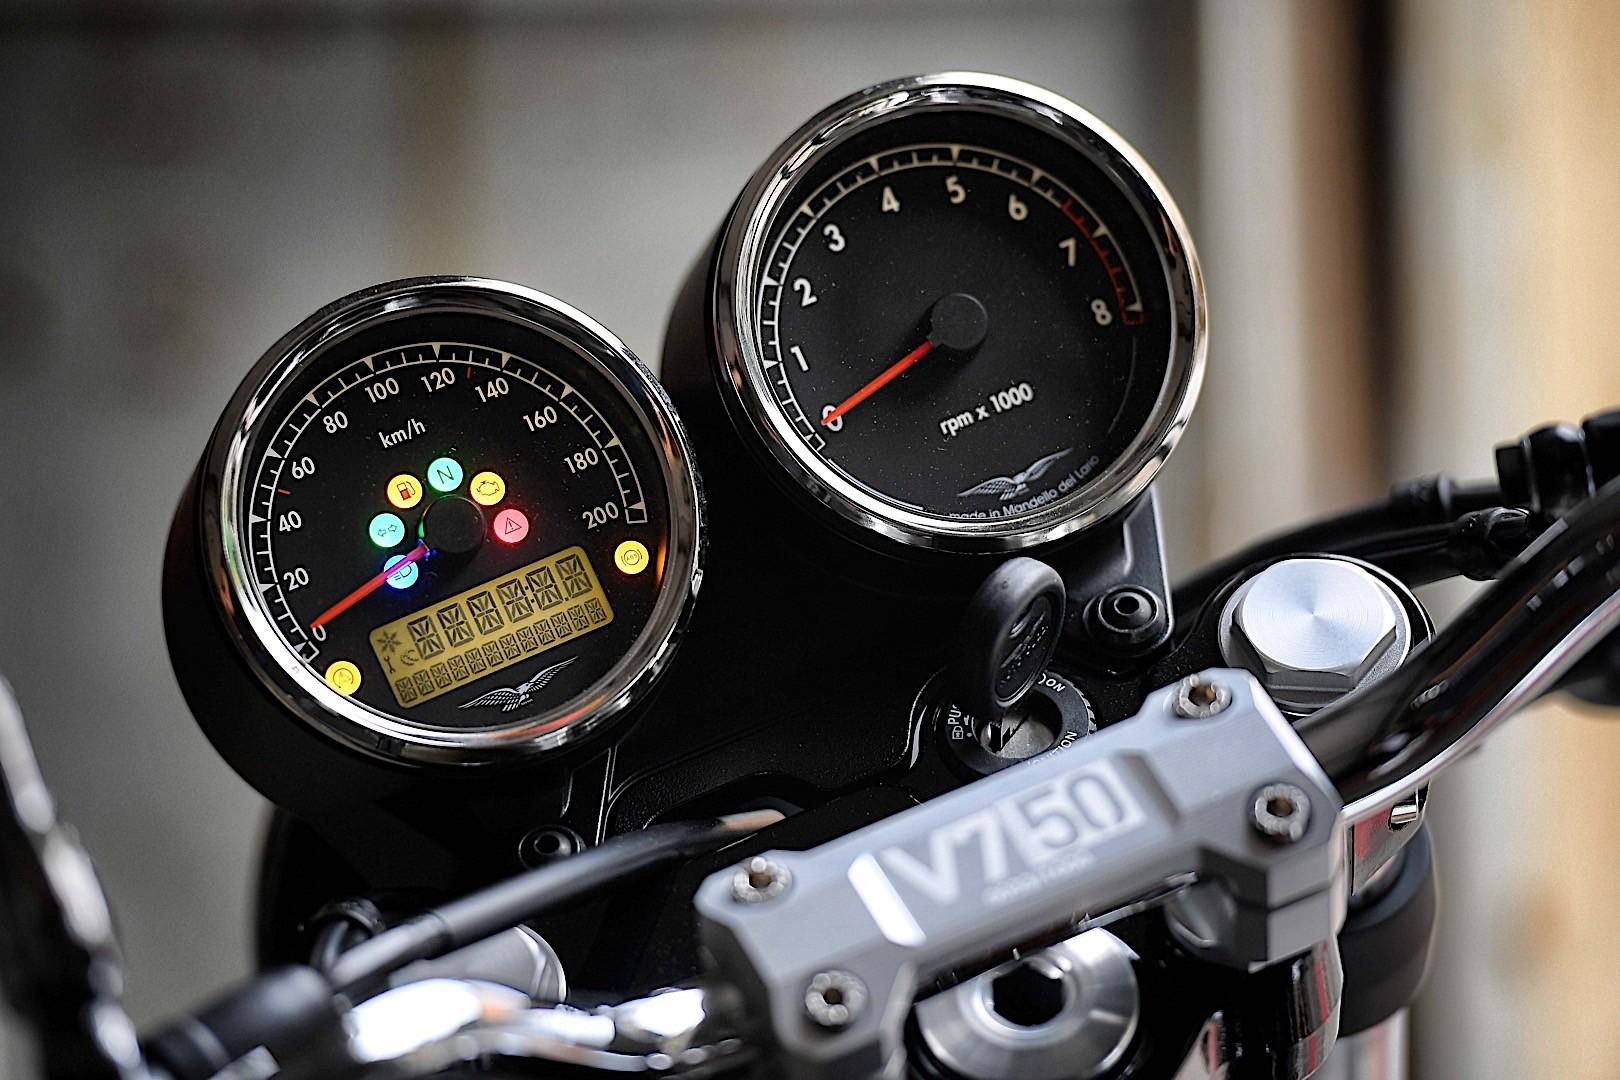 2013 Moto Guzzi 1400 California Aims To Shake The Cruiser